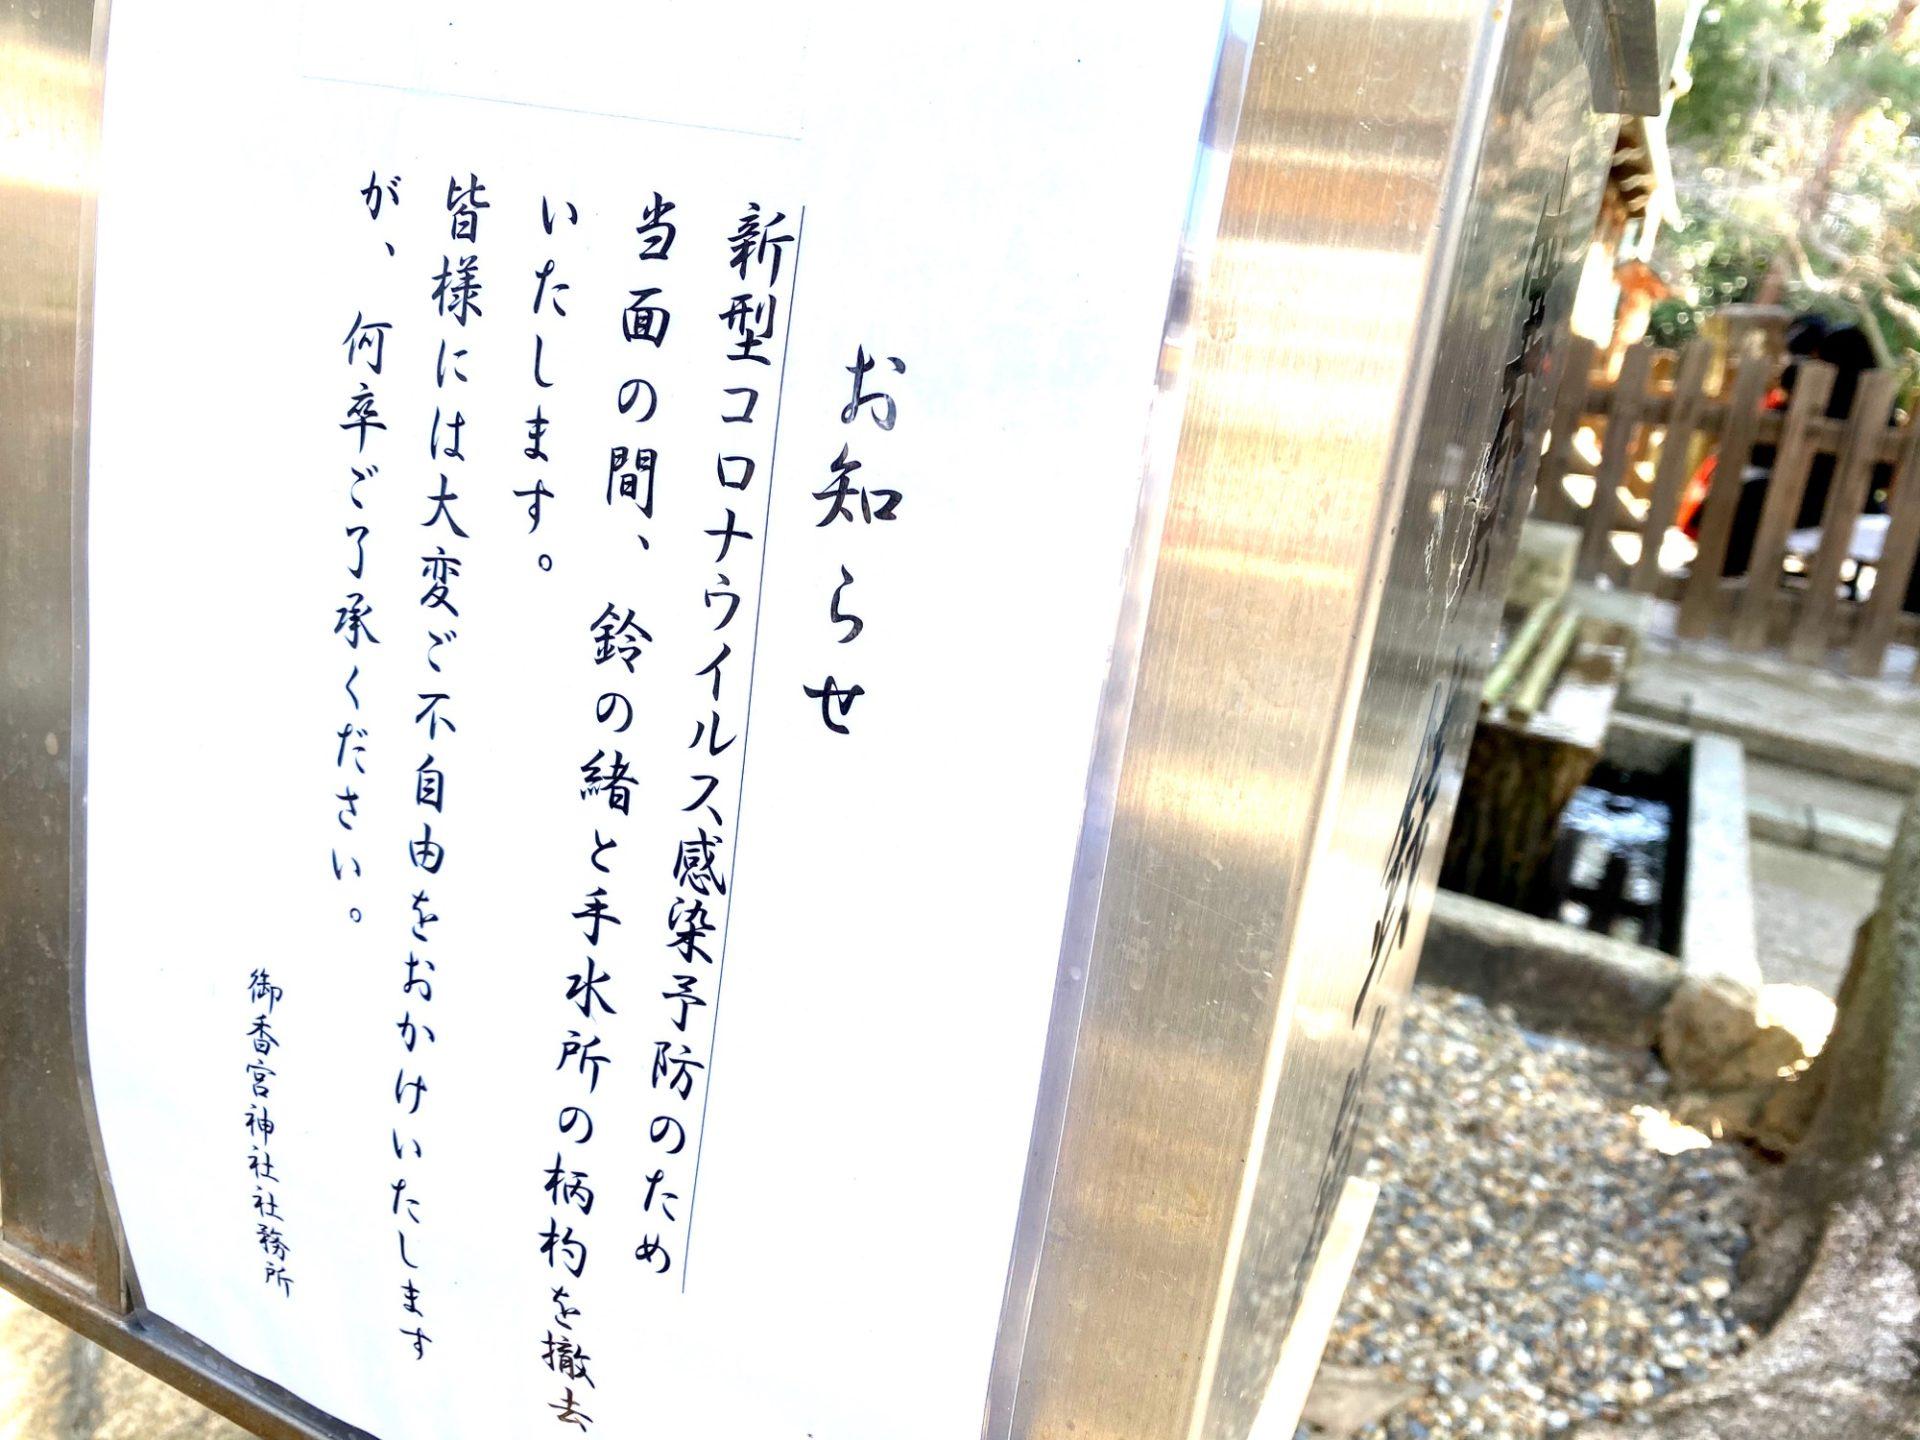 キキフォトワークスのカメラマンの日記ブログ